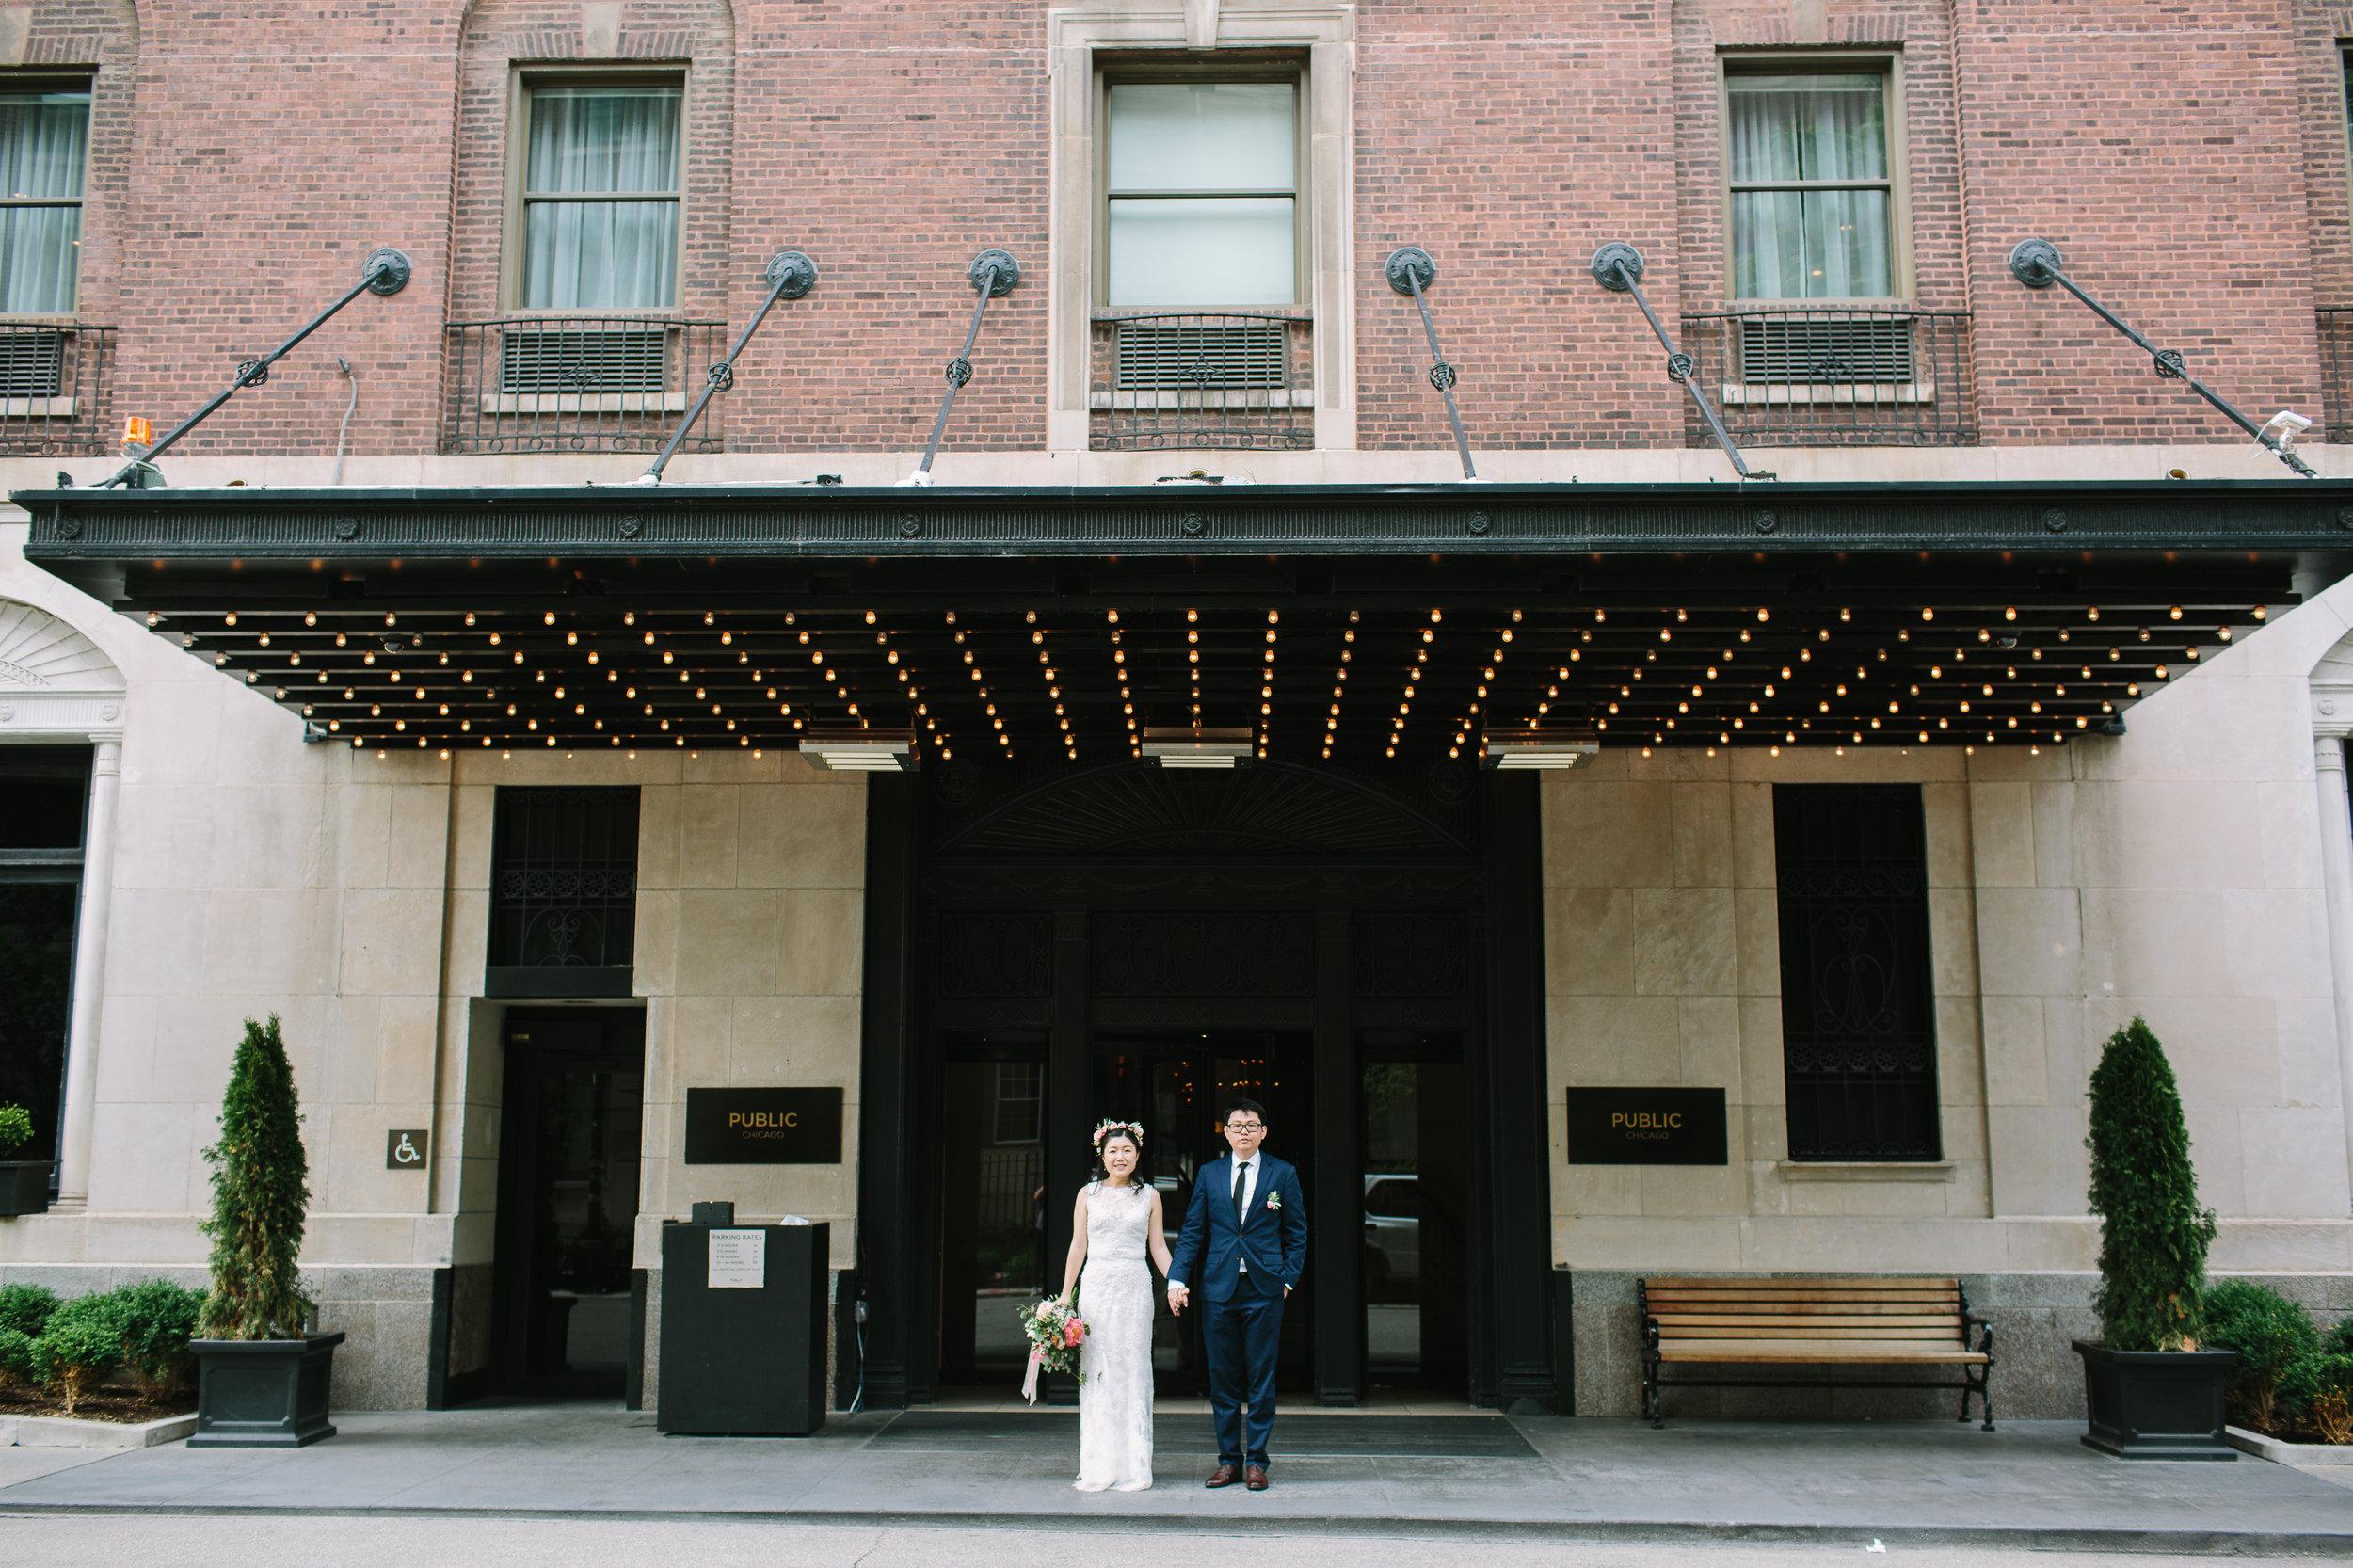 Nicodem Creative-Wang Wedding-Public Hotel Chicago-30.jpg